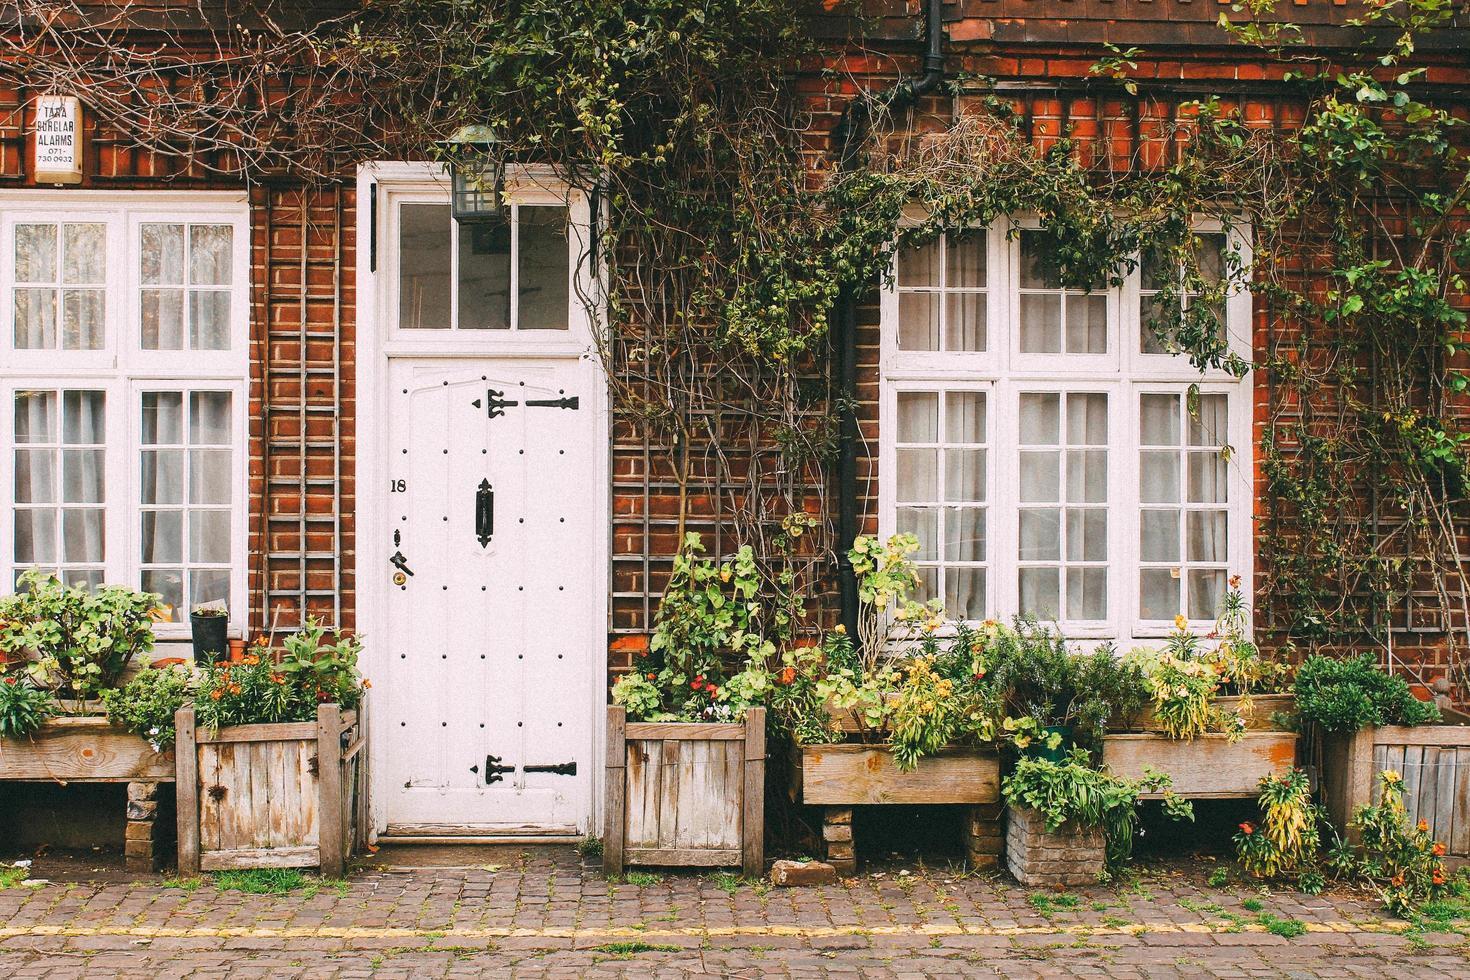 londra, inghilterra, 2020 - piante assortite davanti a una casa foto